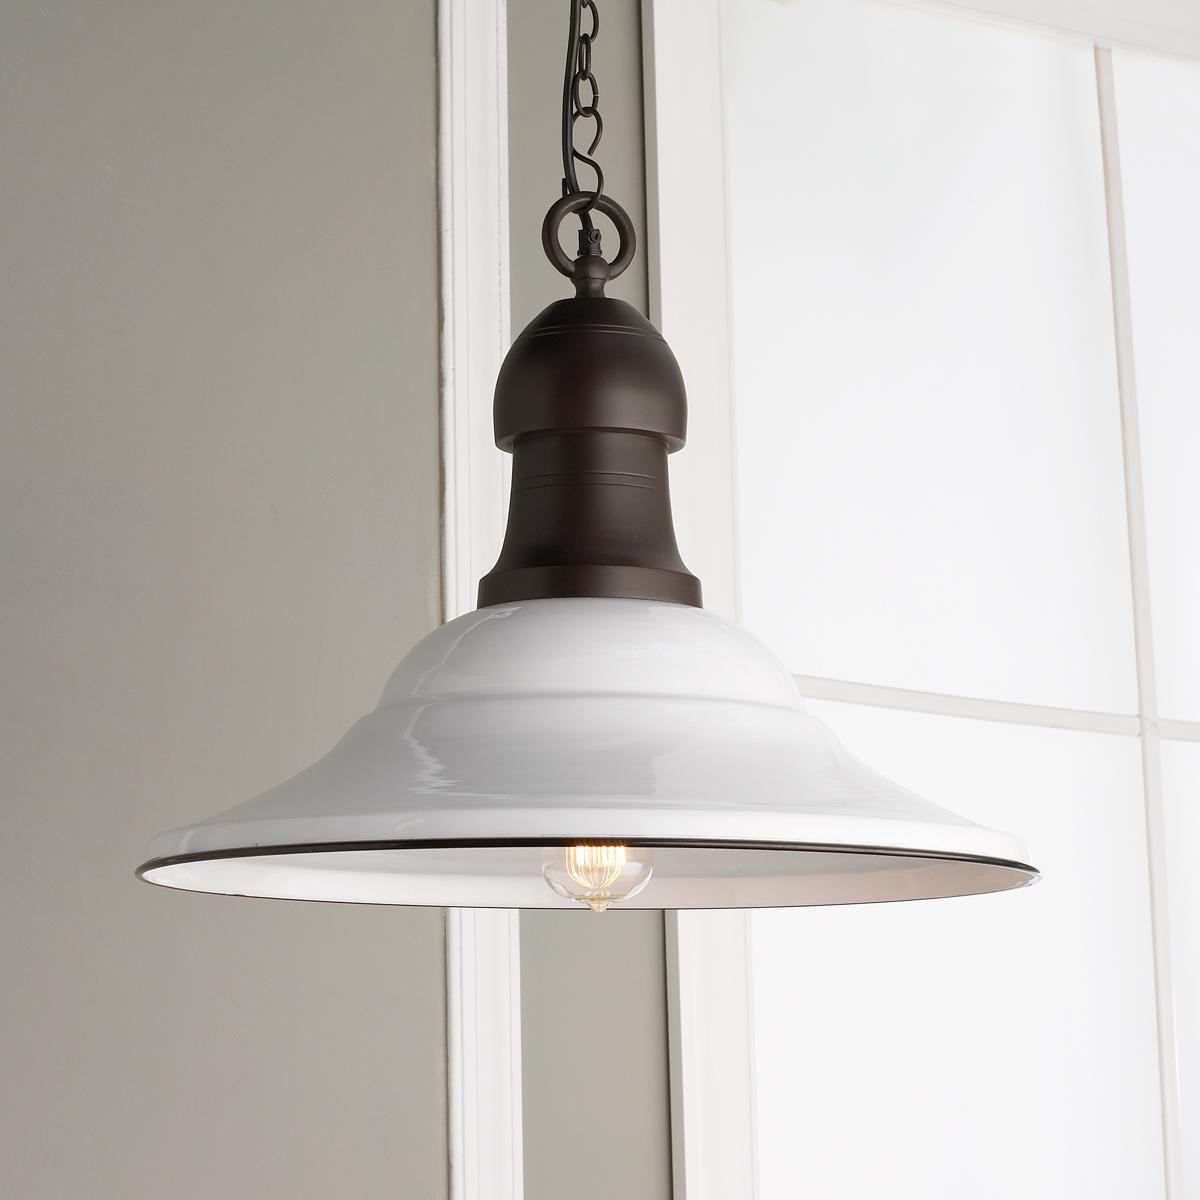 21 White Enamel Pendant Light Farmhouse Pendant Light Fixture